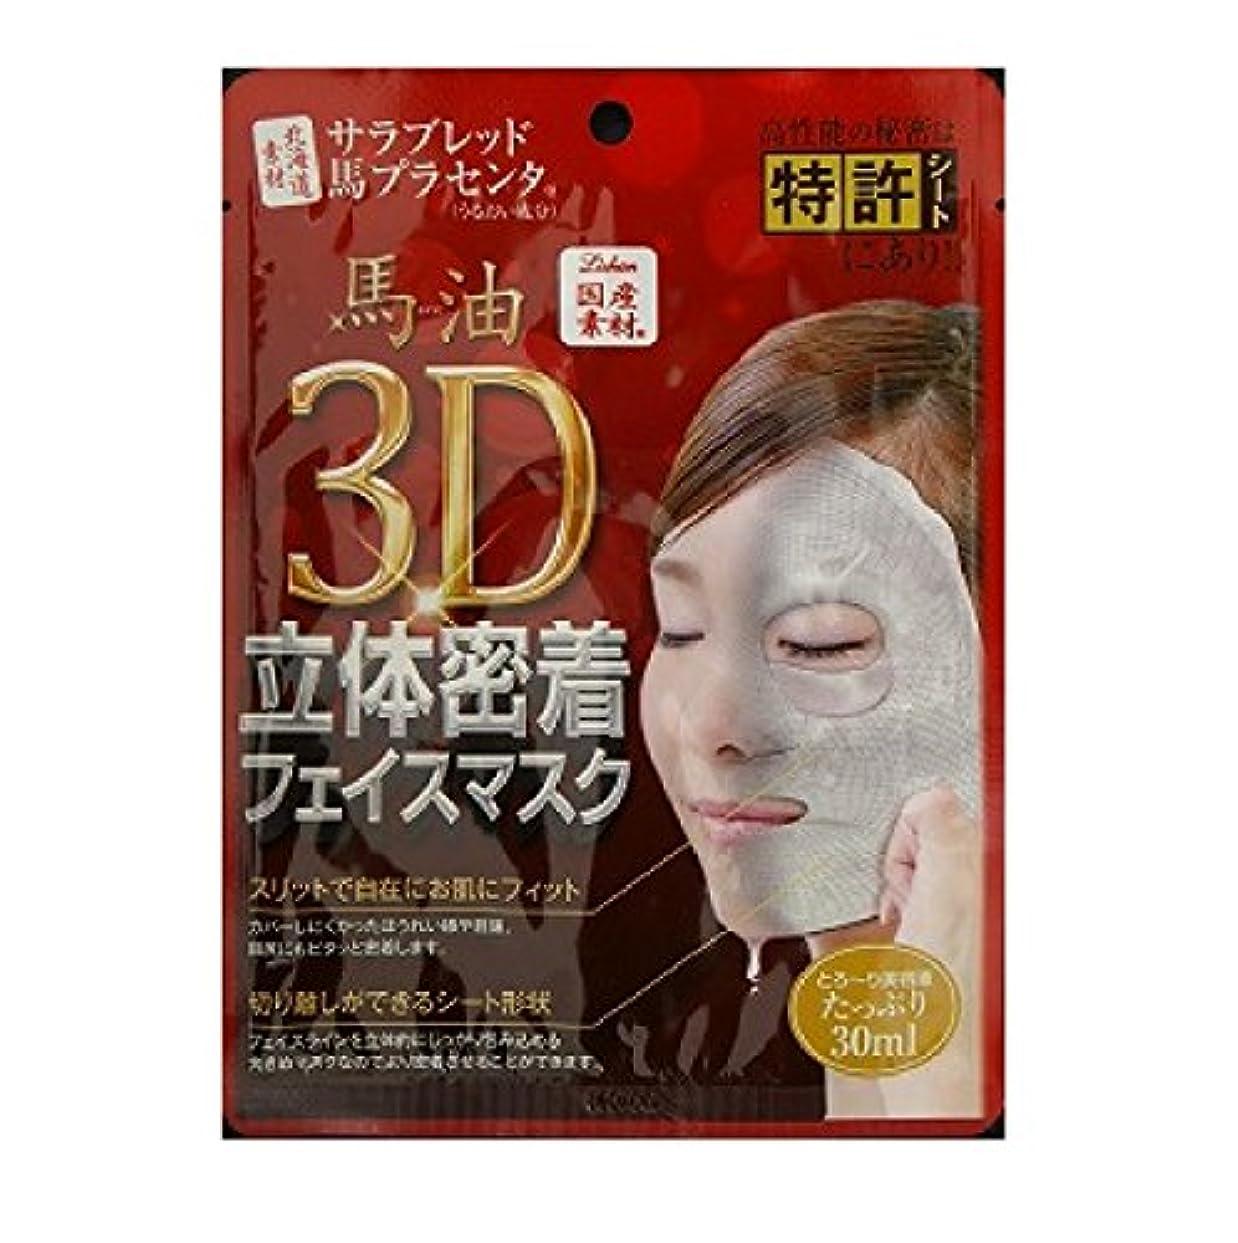 フィードオン衝撃増強ナヴィス リシャン馬油3D立体密着フェイスマスク無香料 1枚入り